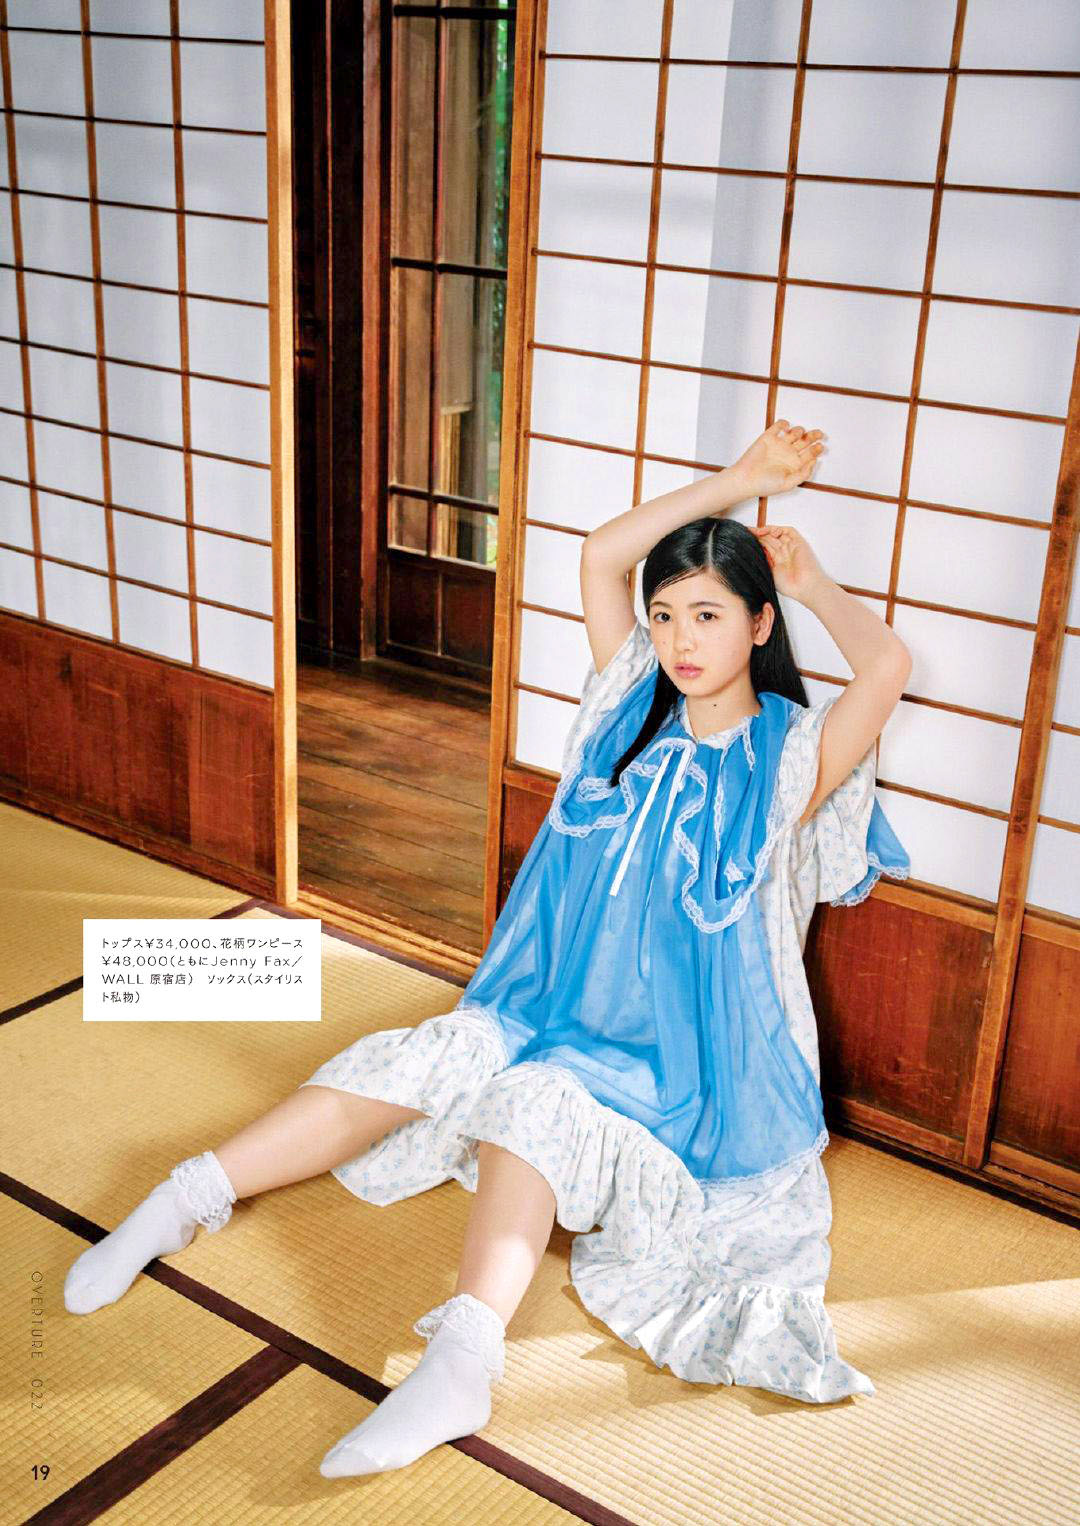 MHoshino  Tsutsui Ayame Overture 20 22 04.jpg